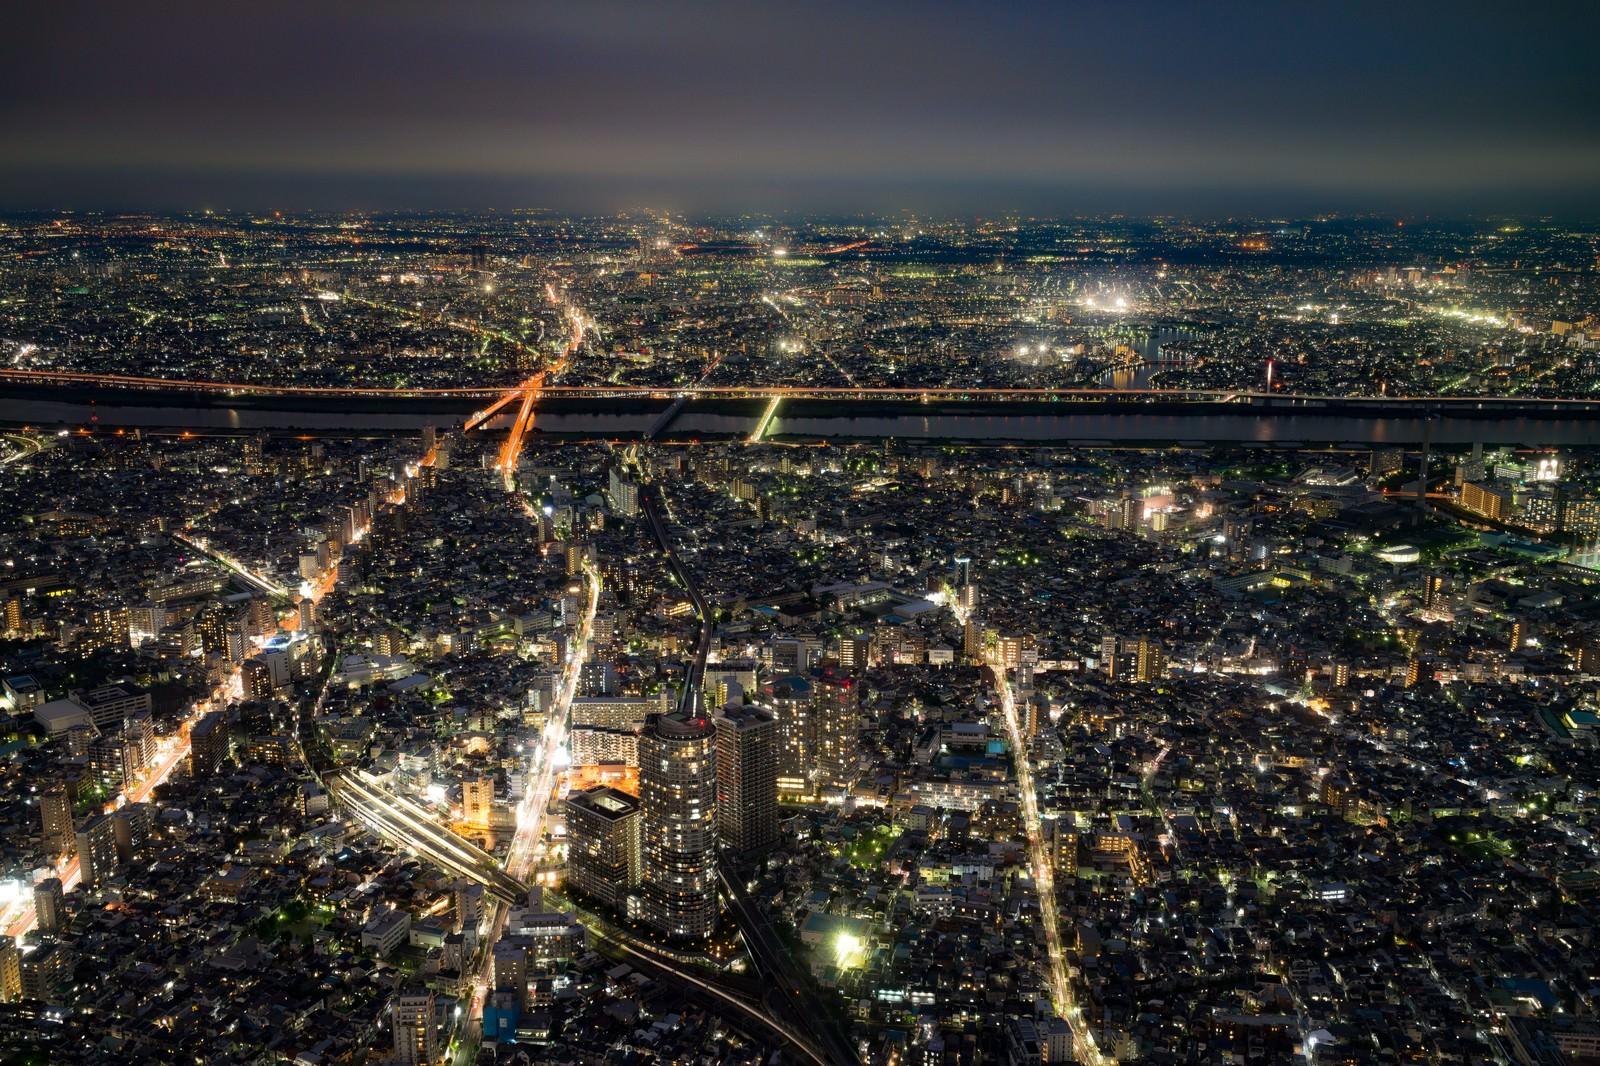 「街並みの夜景」の写真